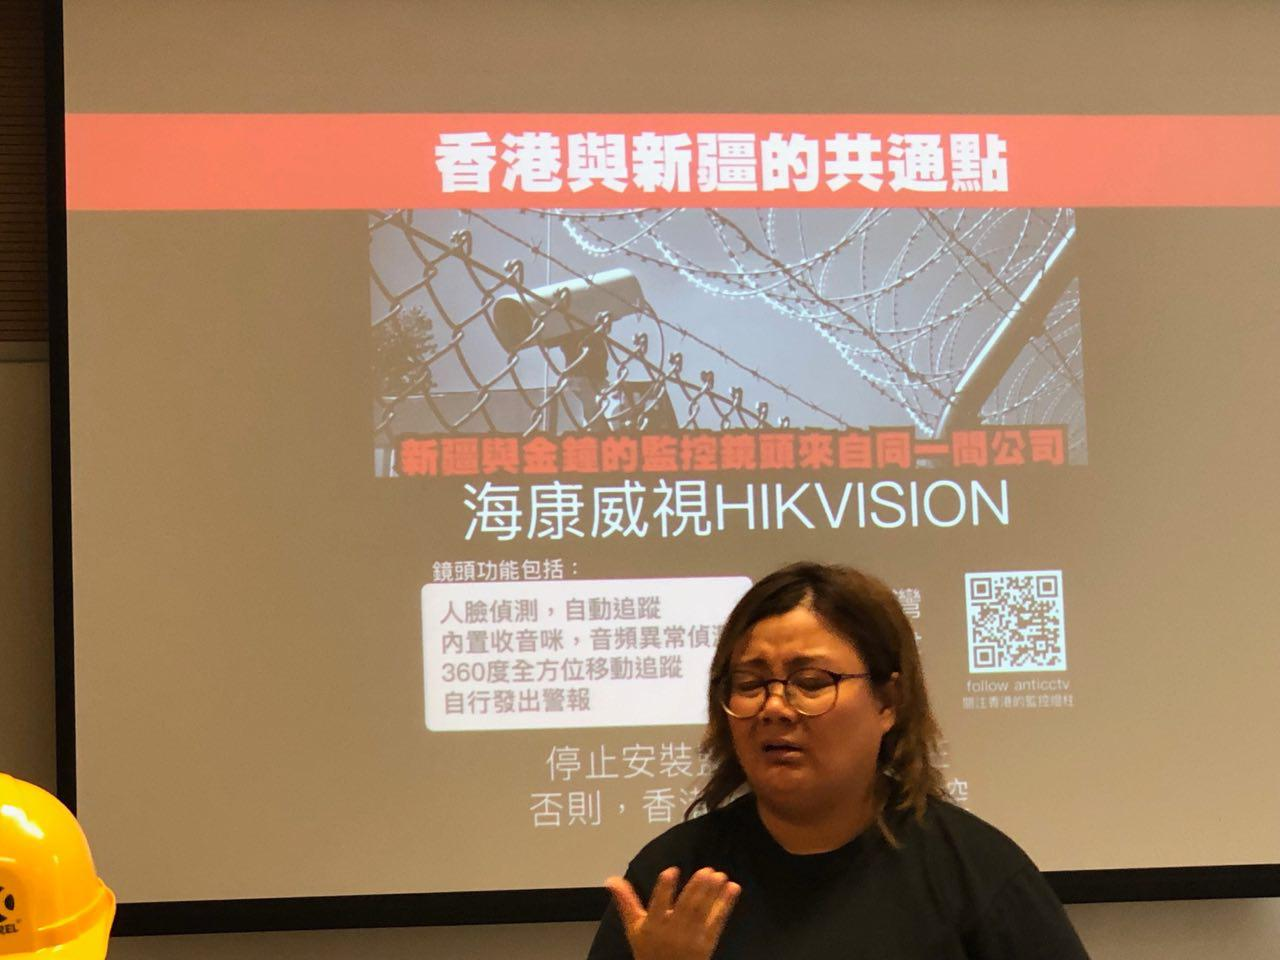 民間記者會第七次記者會展示的「今日新疆 明日香港」監控示意圖。(葉依帆/大紀元)